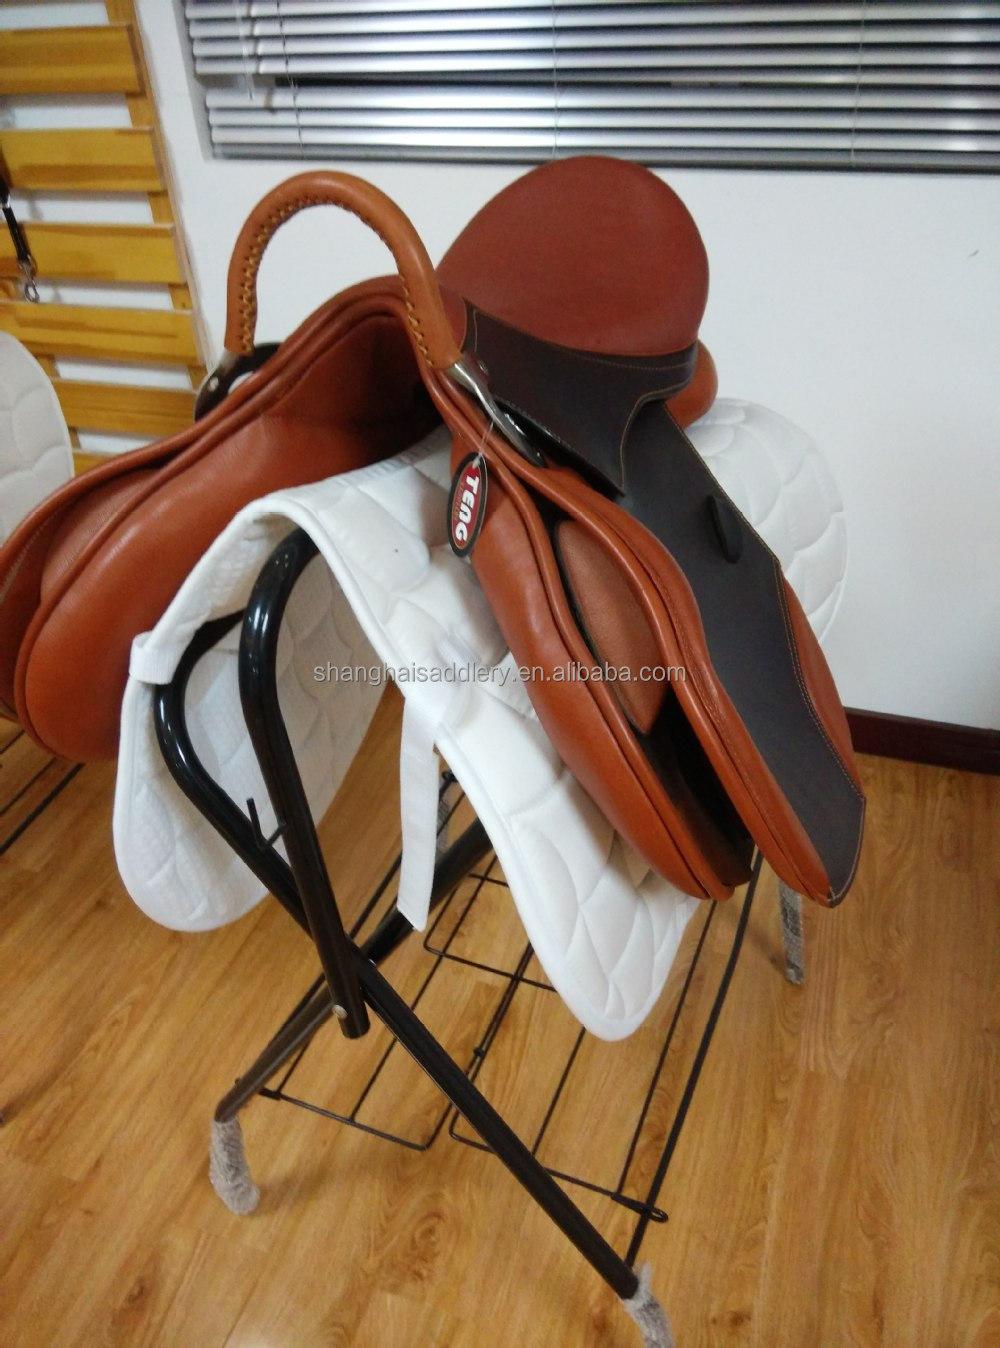 English Seat Saddles Deep